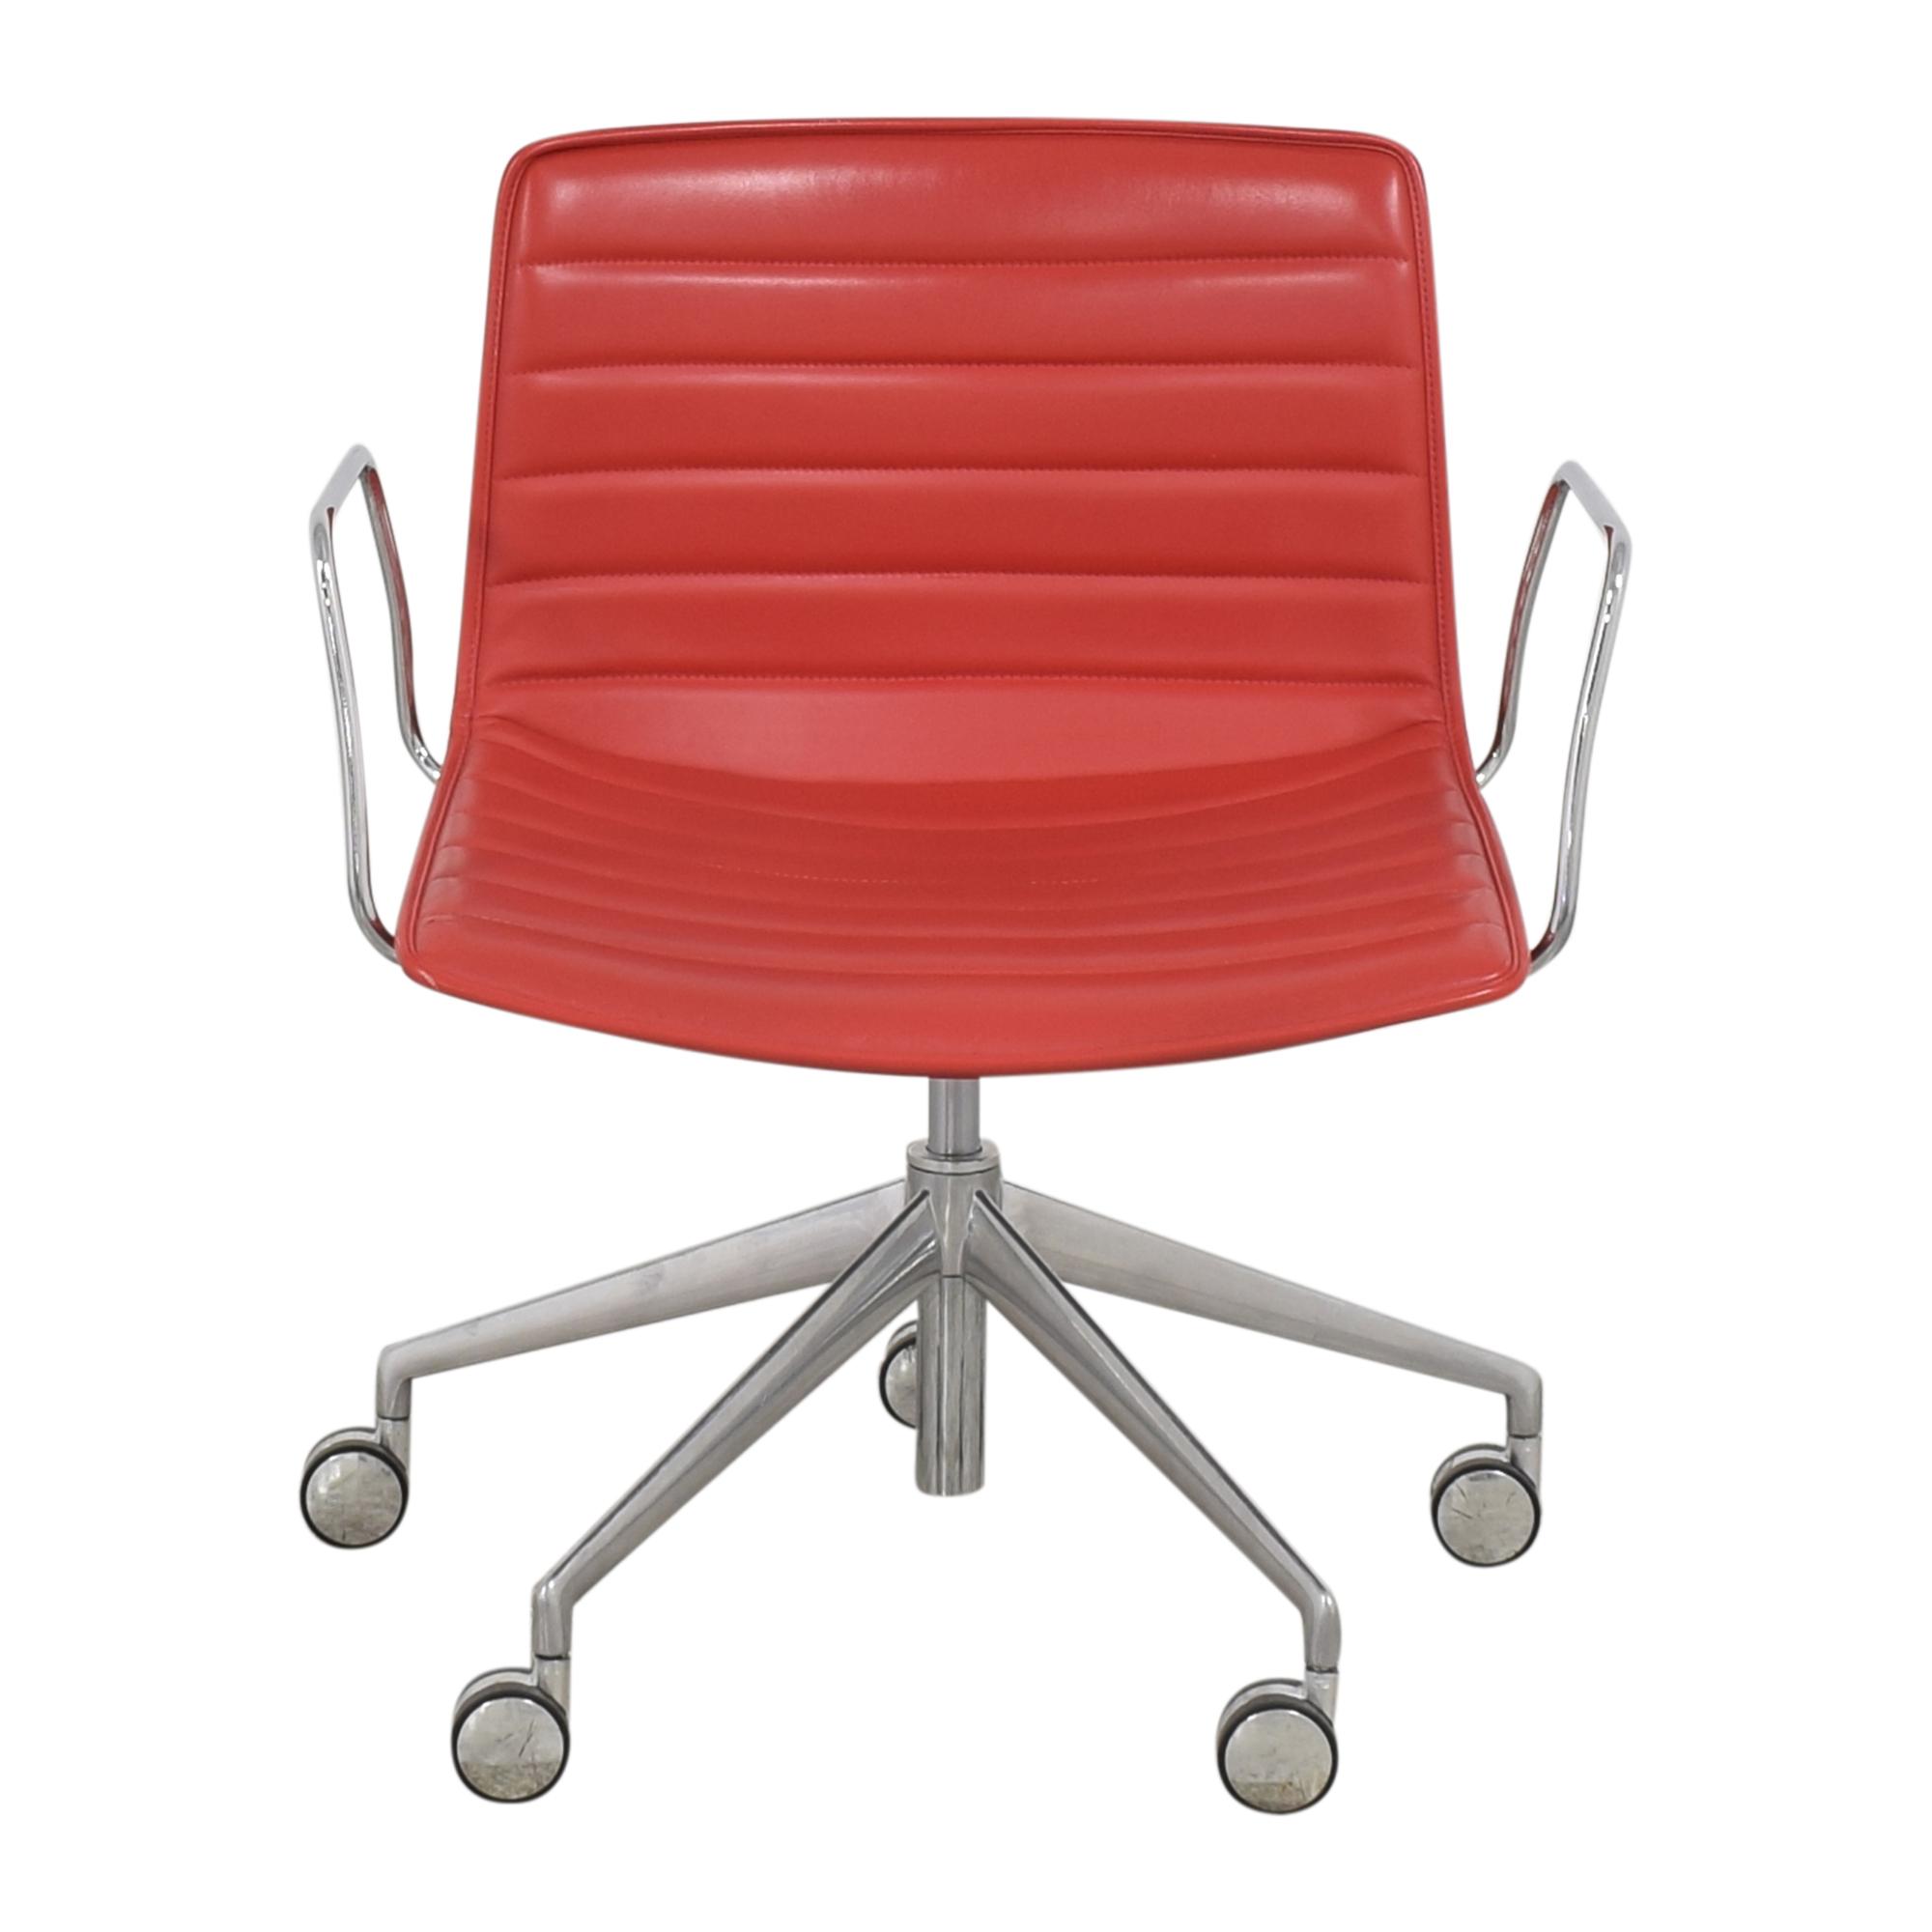 Gordon International Catifa Arm Chair / Chairs